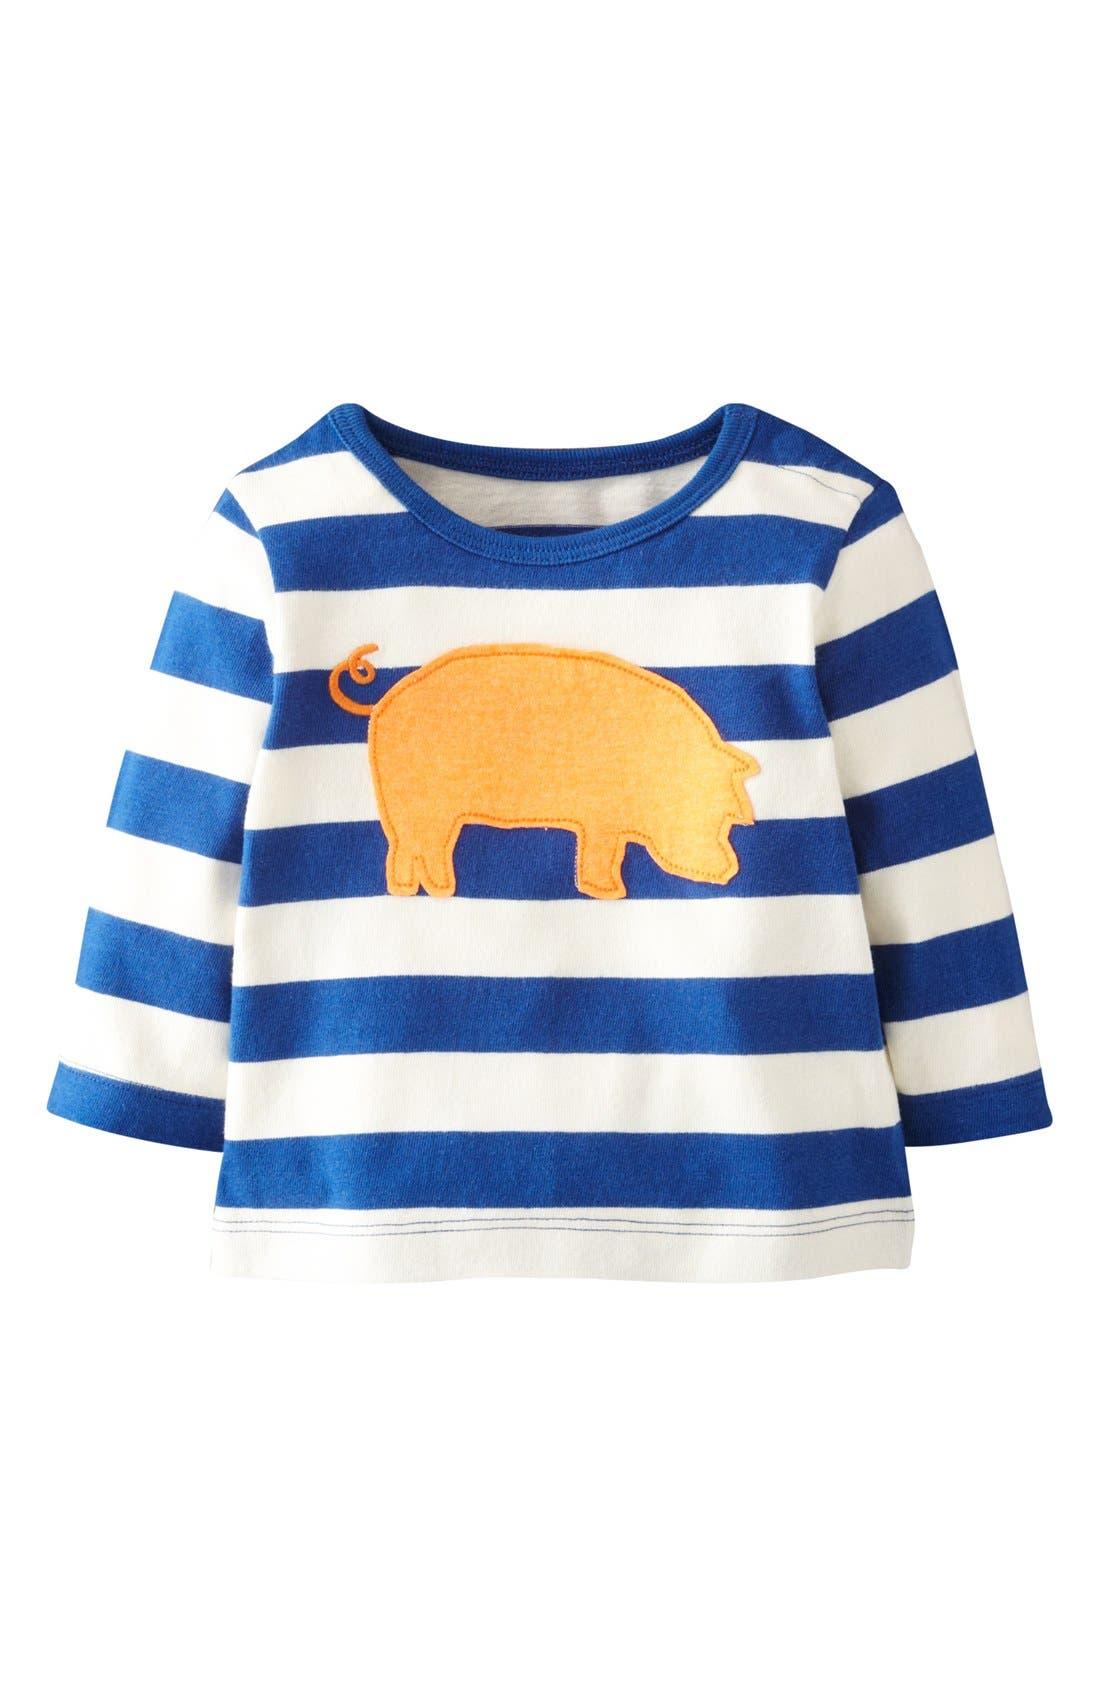 Alternate Image 1 Selected - Mini Boden 'Farmyard Appliqué' T-Shirt (Baby Boys)